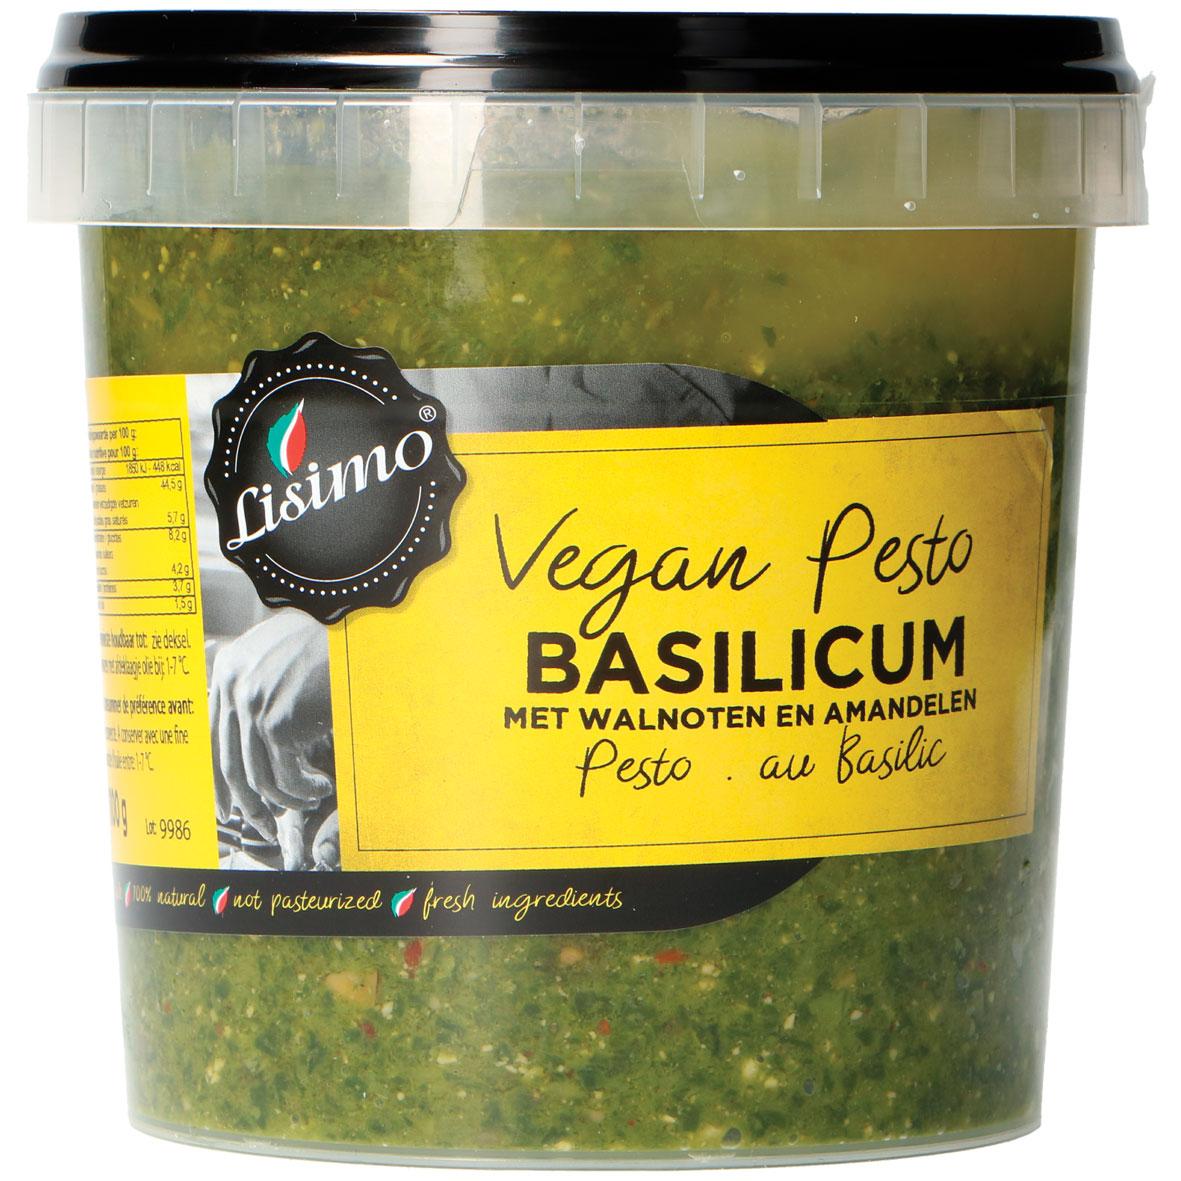 Lisimo vegan pesto basilicum